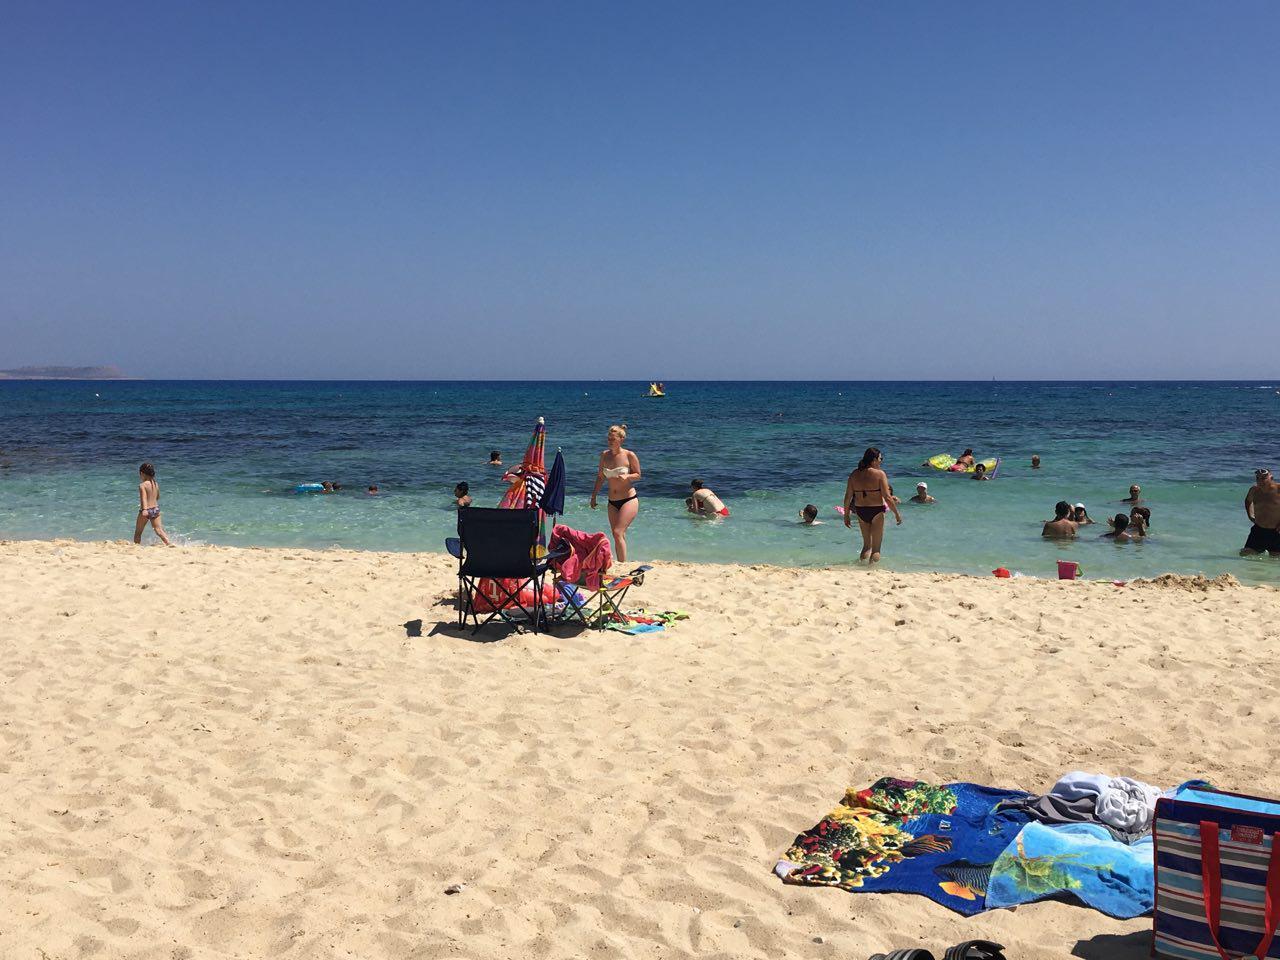 האזור המותר: איה נאפה, קפריסין